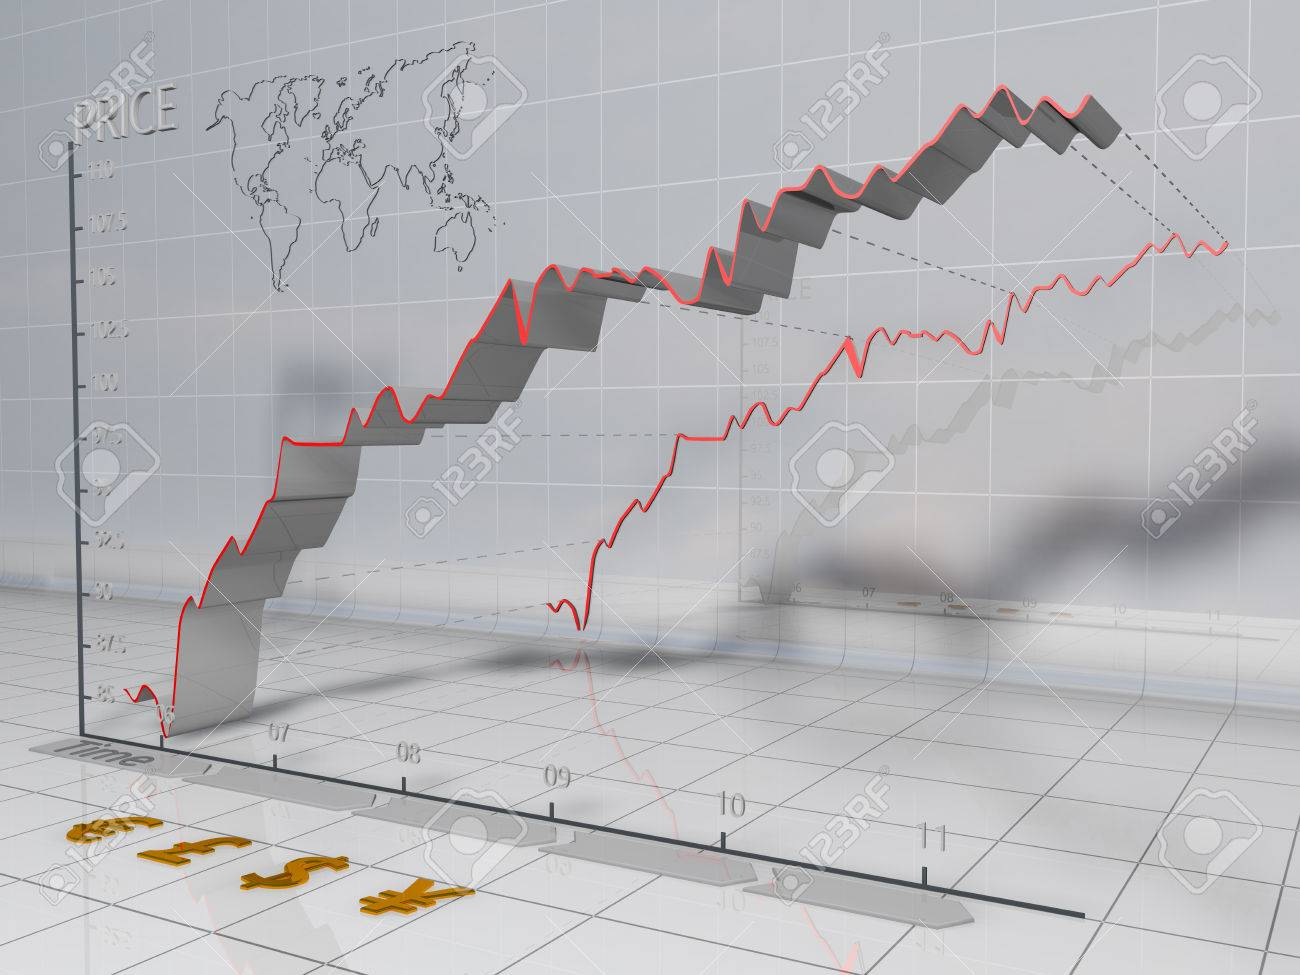 Bullish financial chart. - 33882916